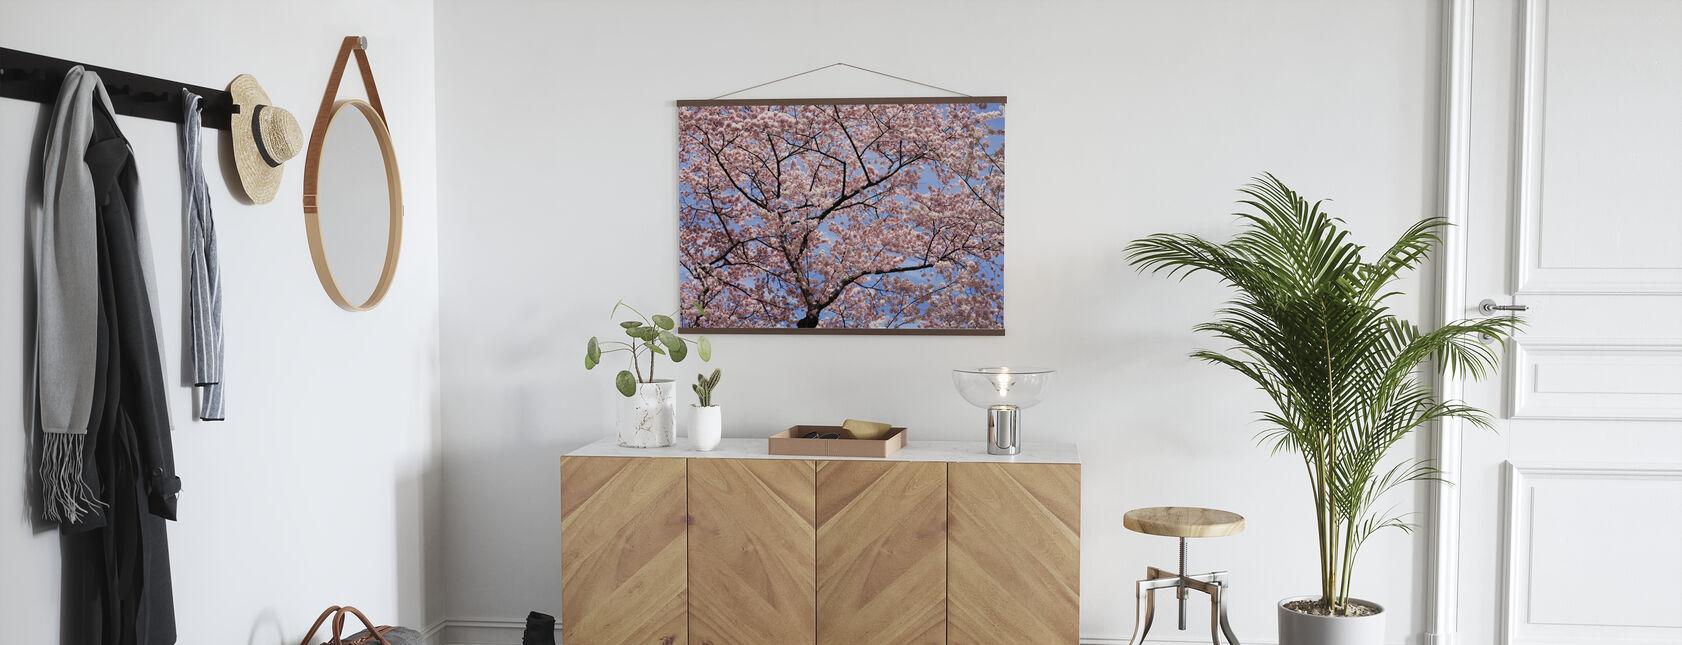 Albero di ciliegio in fiore - Poster - Sala